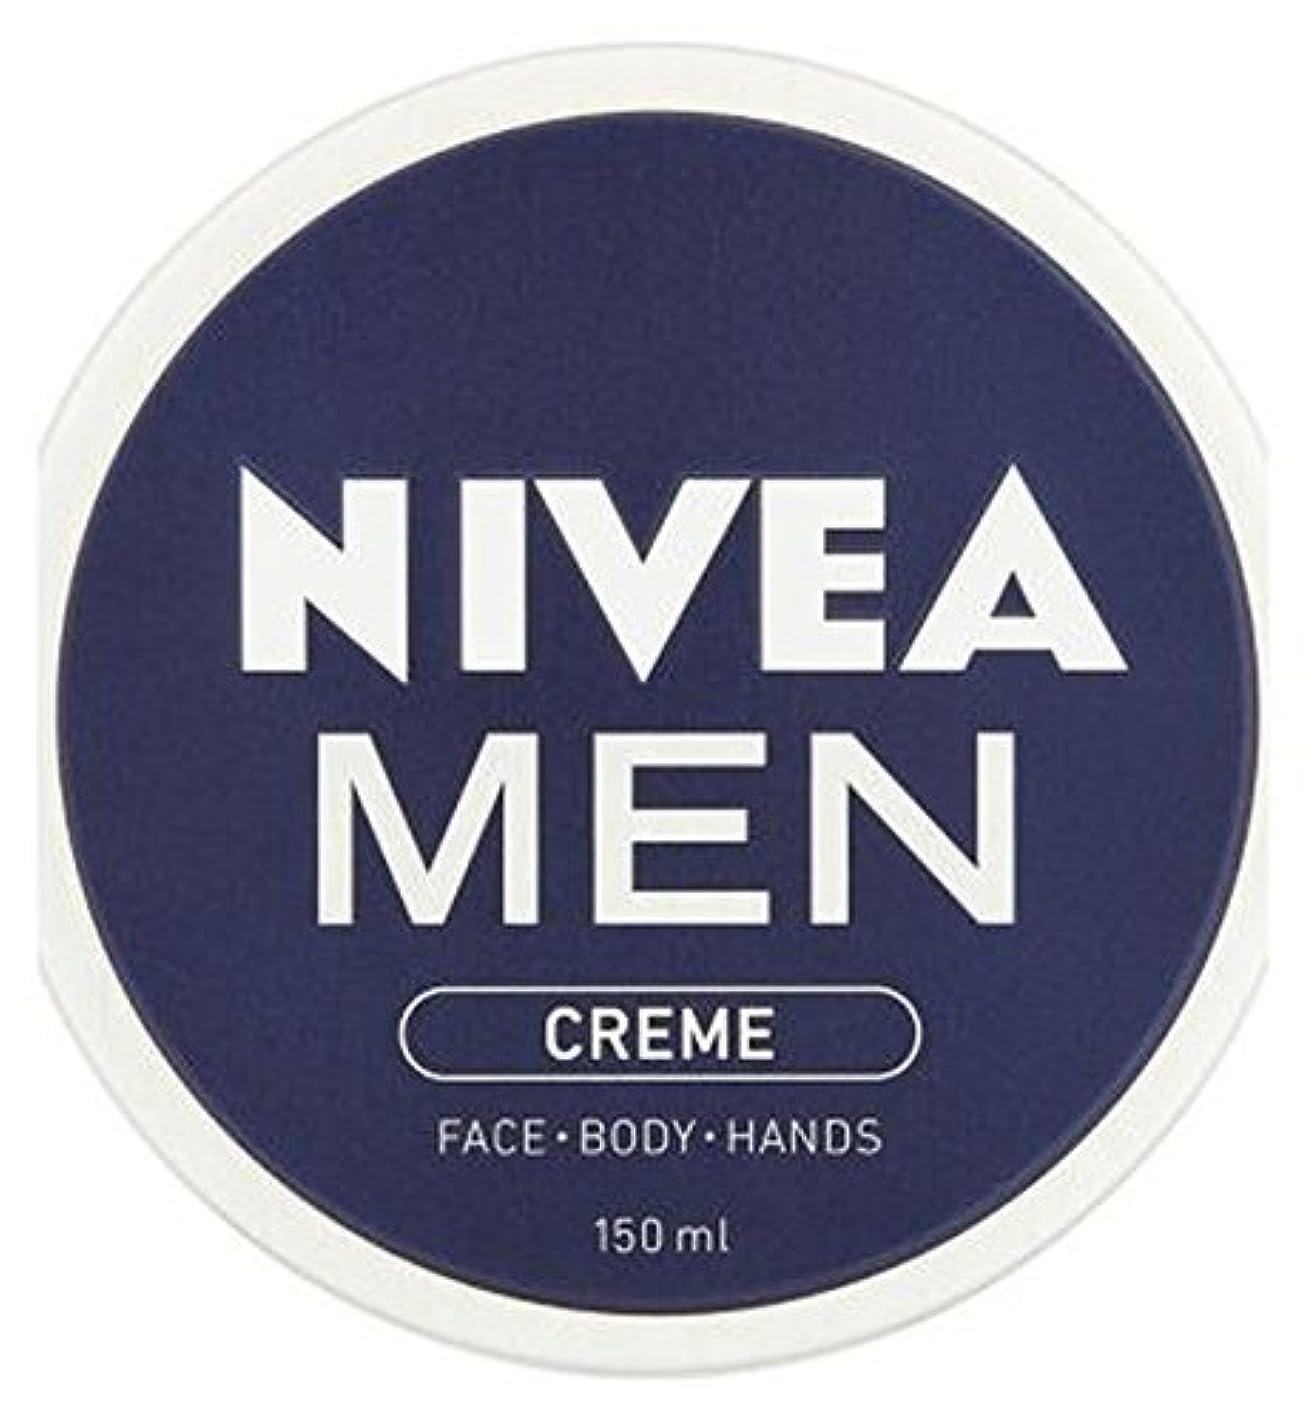 汚い豊富に気絶させるNIVEA MEN Creme 150ml - ニベアの男性が150ミリリットルクリーム (Nivea) [並行輸入品]